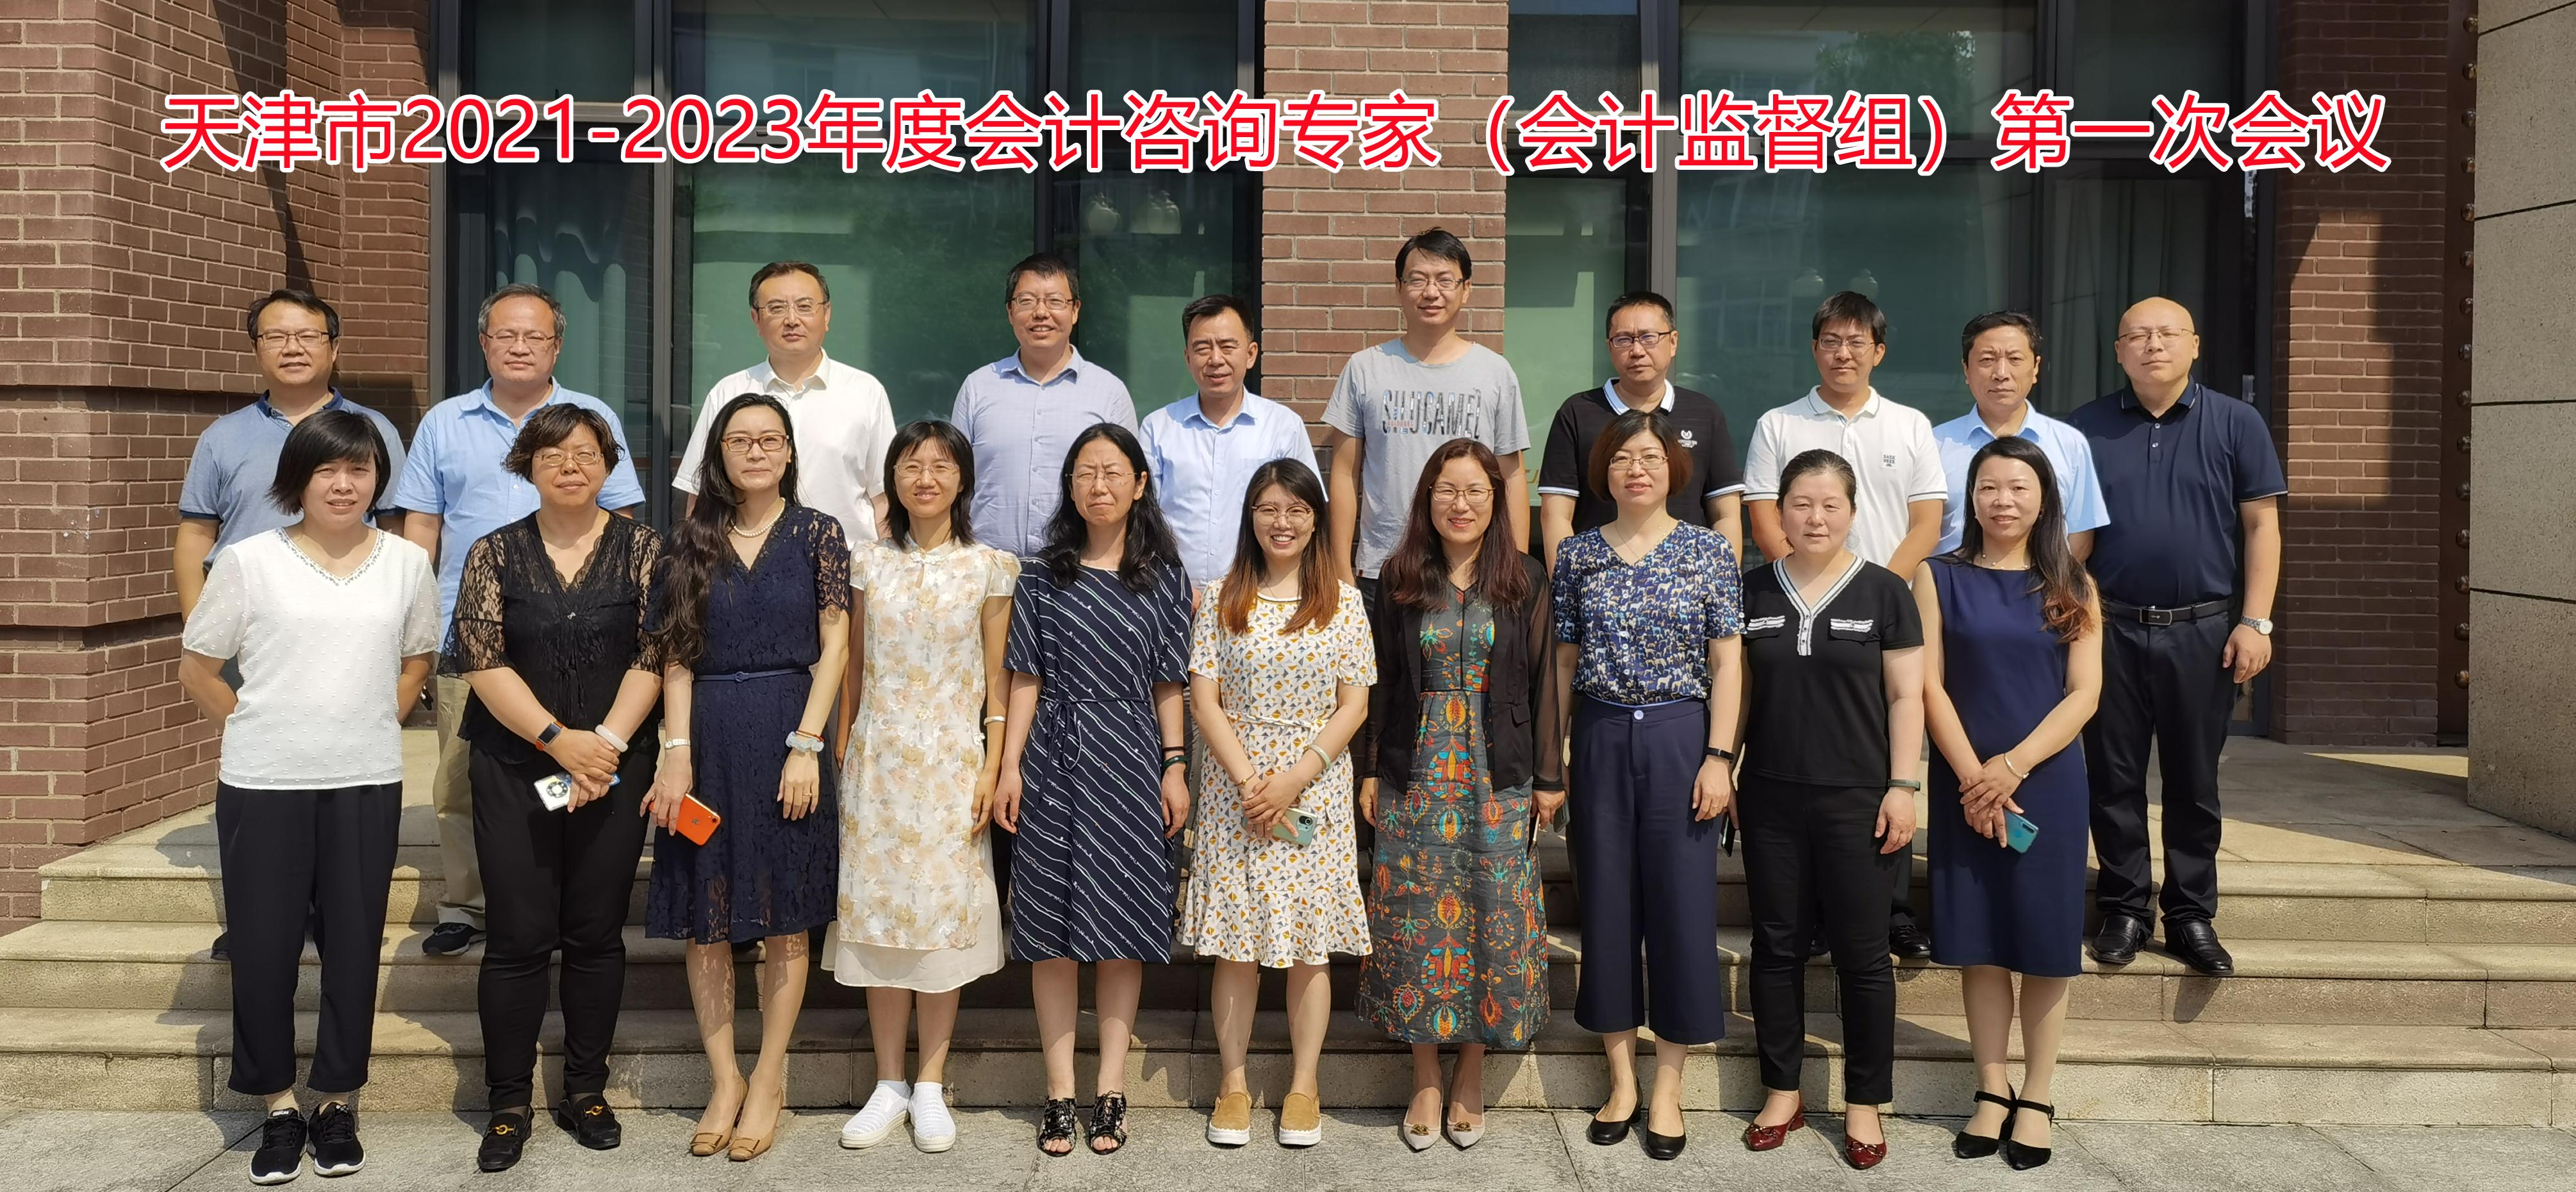 天津市2021-2023年度会计咨询专家(会计监督组)第一次工作会议顺利召开